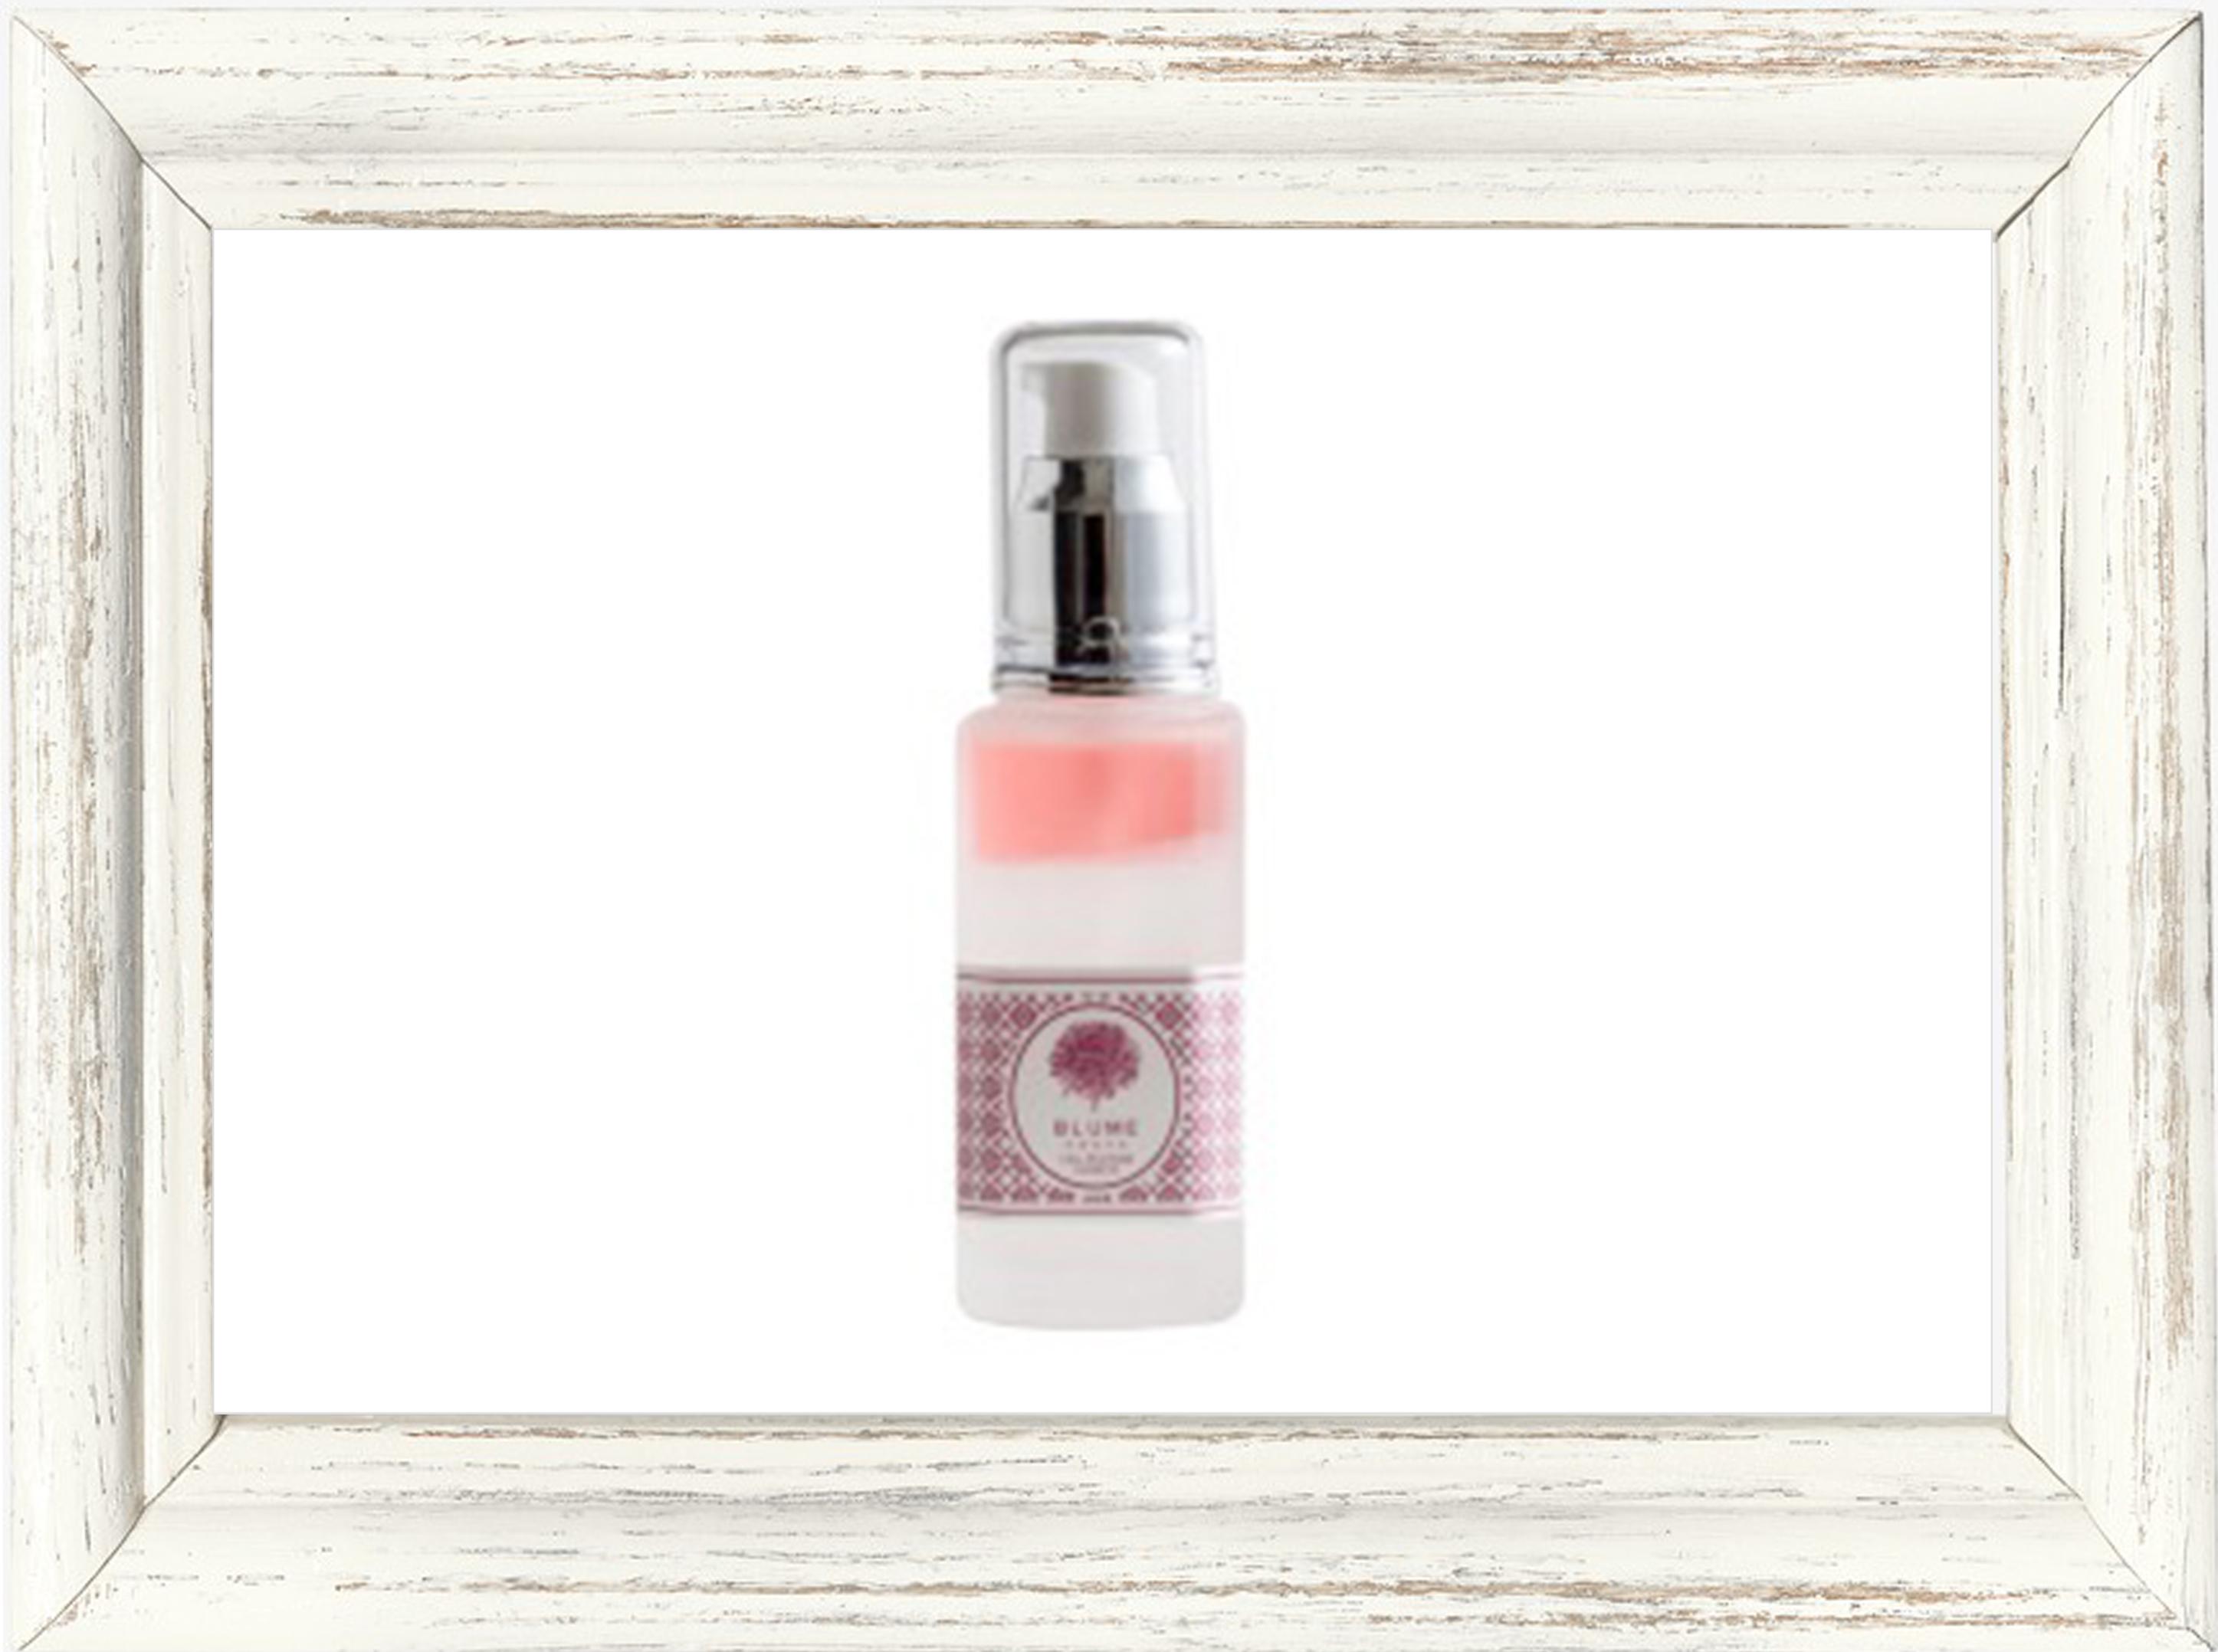 活性系/化粧水・美容液▶︎BLUME edena オイルウォターセラム・ジャパニーズシトラス 30ml (Serum)